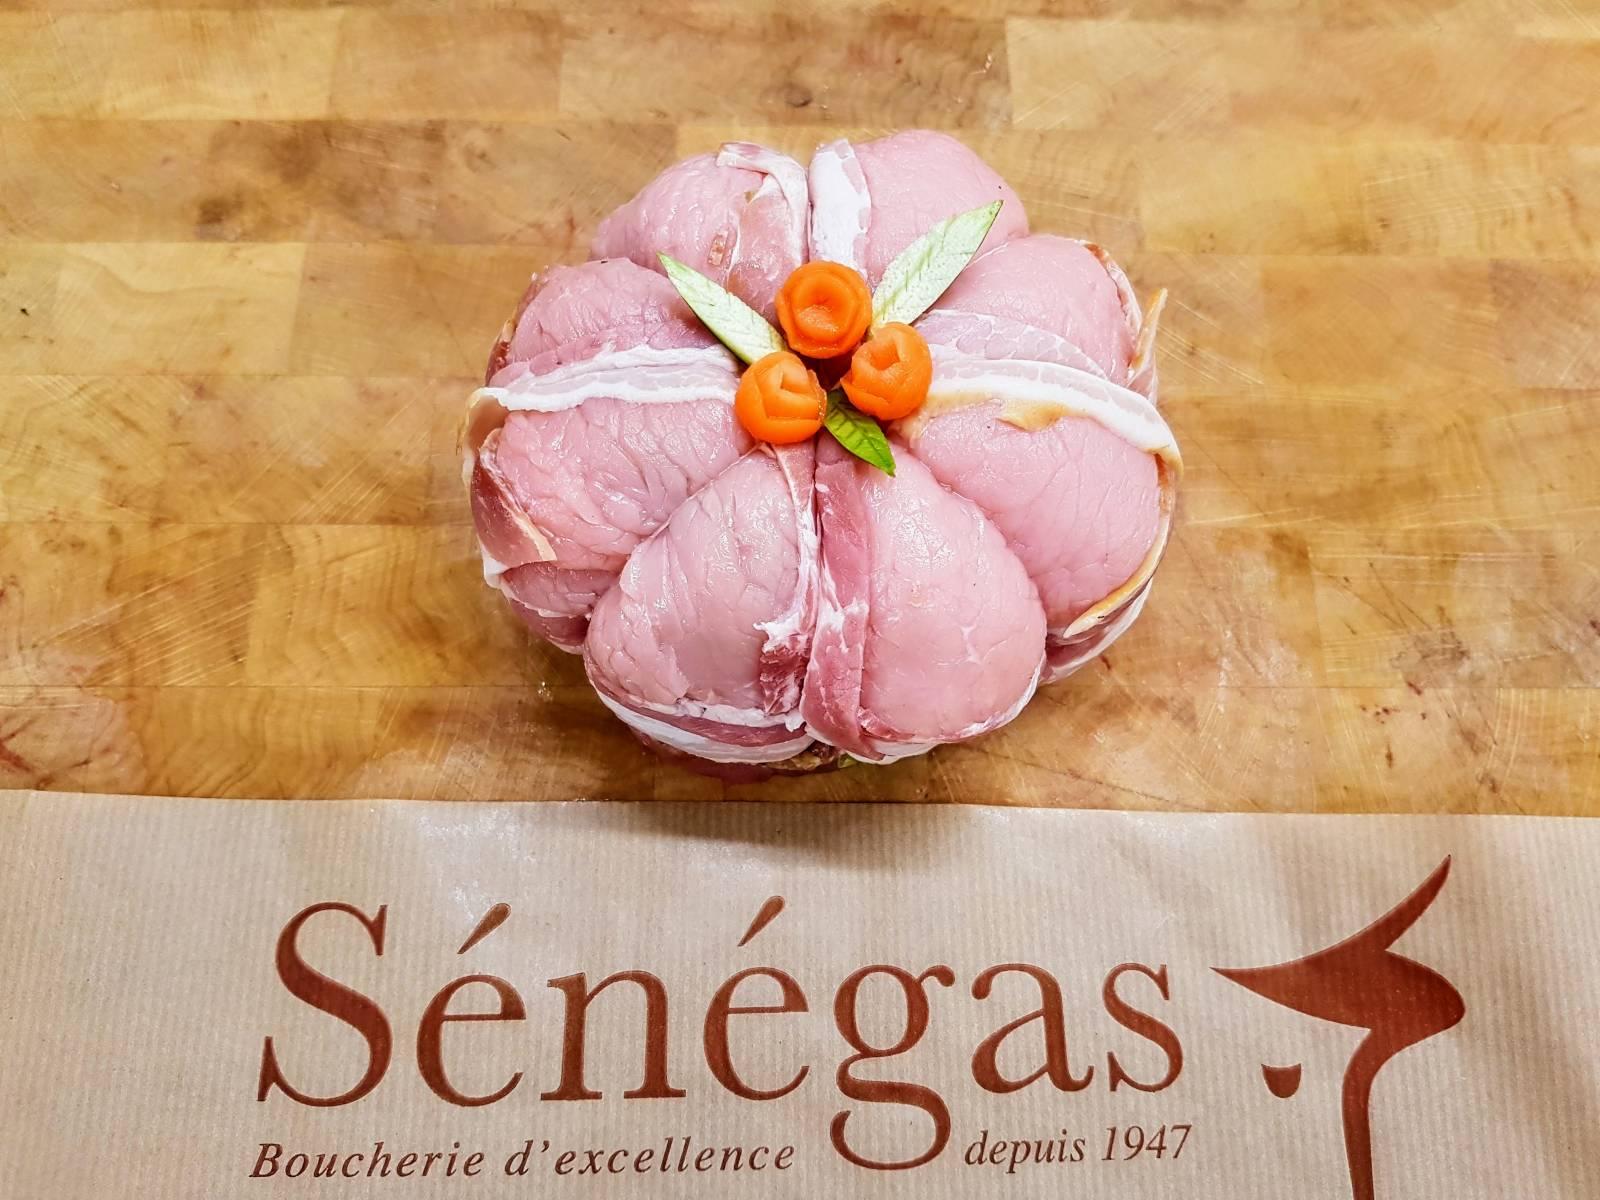 boucherie-senegas-melon-mauricien-veau-roti